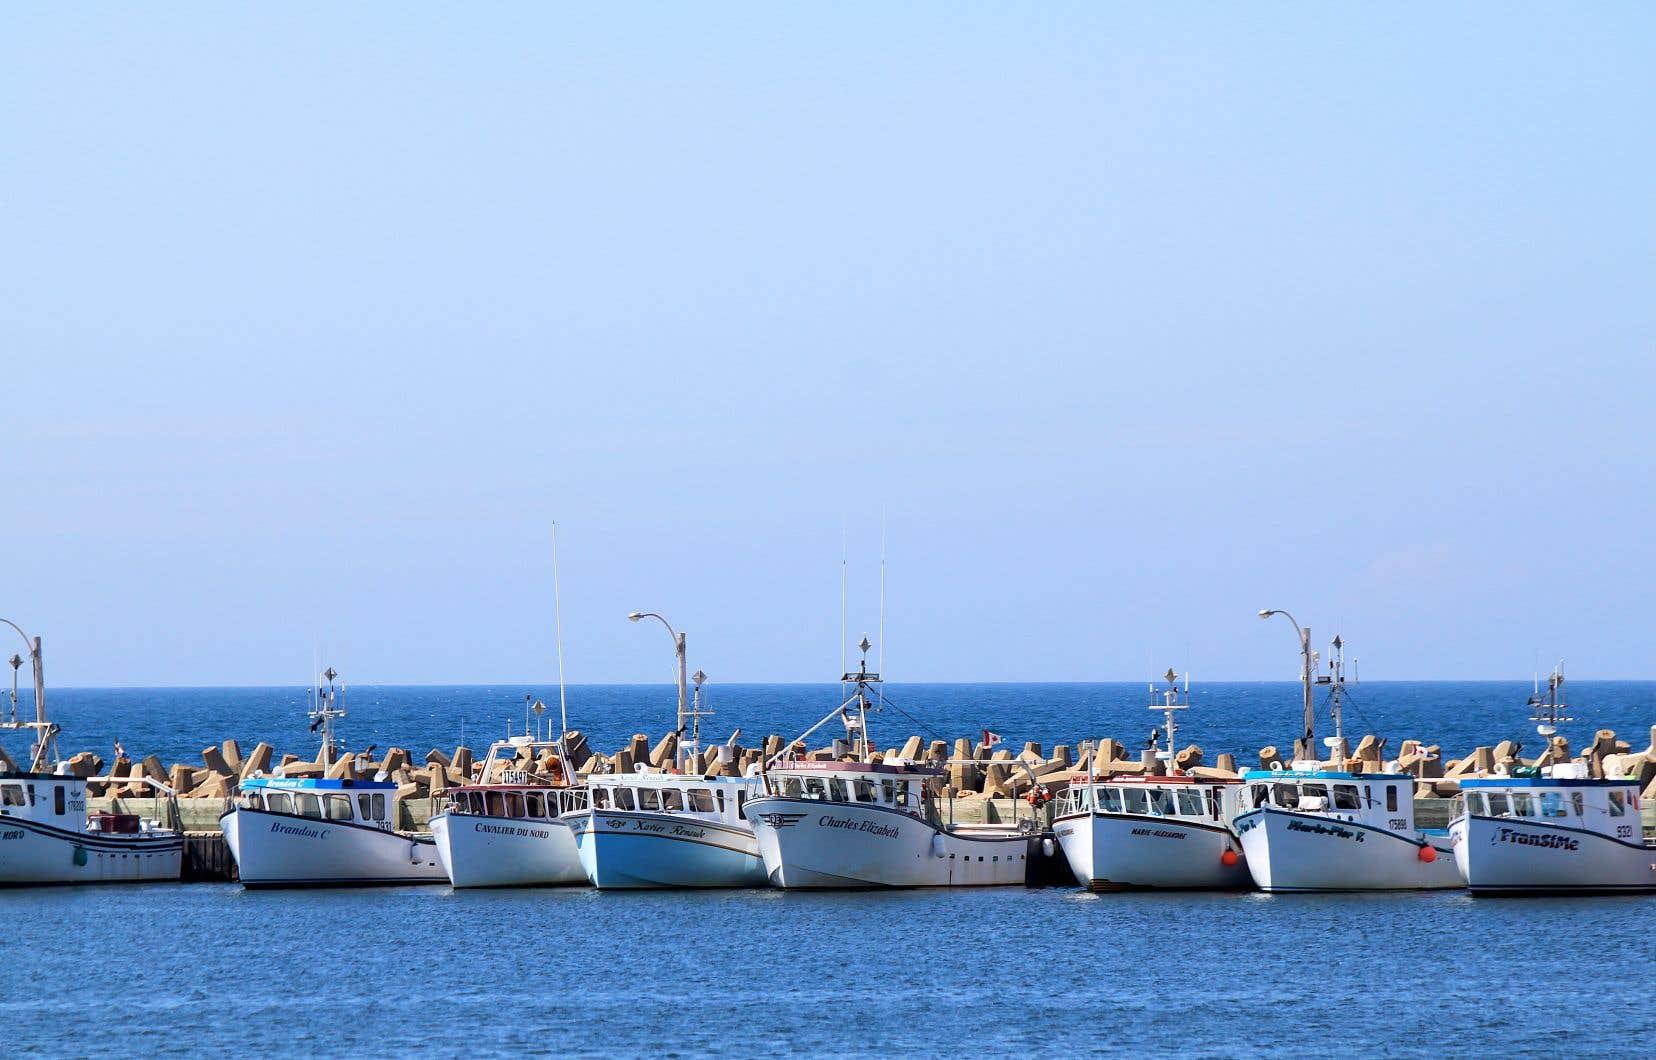 Pêches et Océans Canada a annoncé la fermeture de zones de pêche situées près des Îles-de-la-Madeleine. Plus d'une centaine de pêcheurs ont dû déplacer leurs casiers au cours des derniers jours.